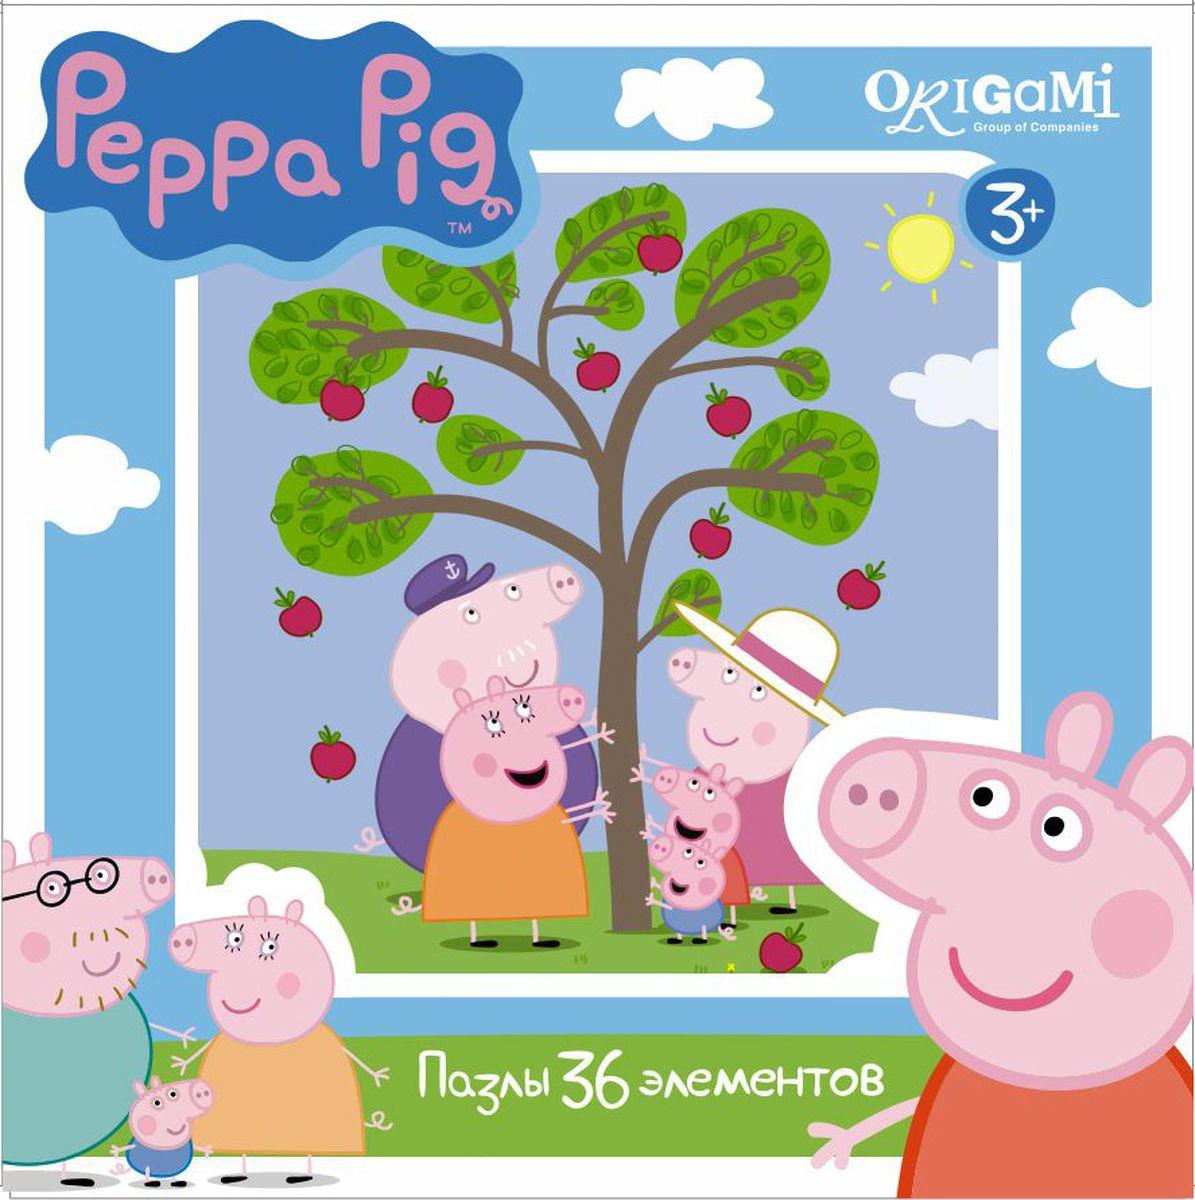 Оригами Пазл для малышей Peppa Pig 01550 janod пазл для малышей поиск сокровищ 36 элементов